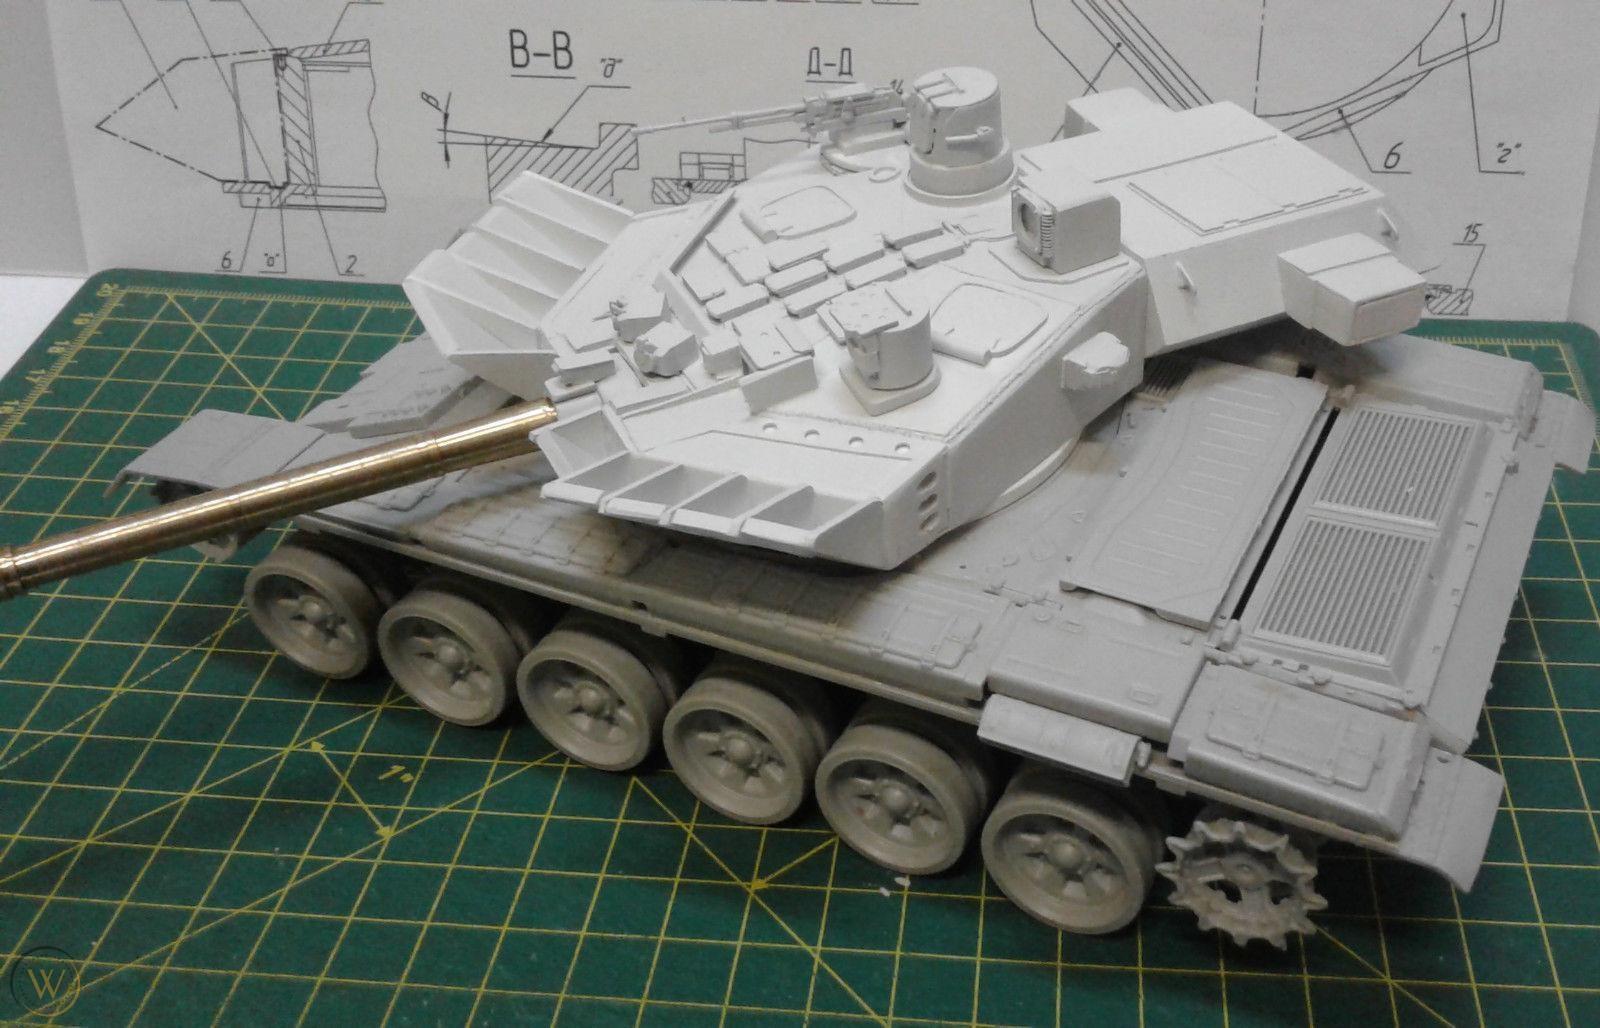 35-customfactory-upgraded-tank-90-okr_1_69d3f8c97a2c63916f4cdd984b09f325.jpg